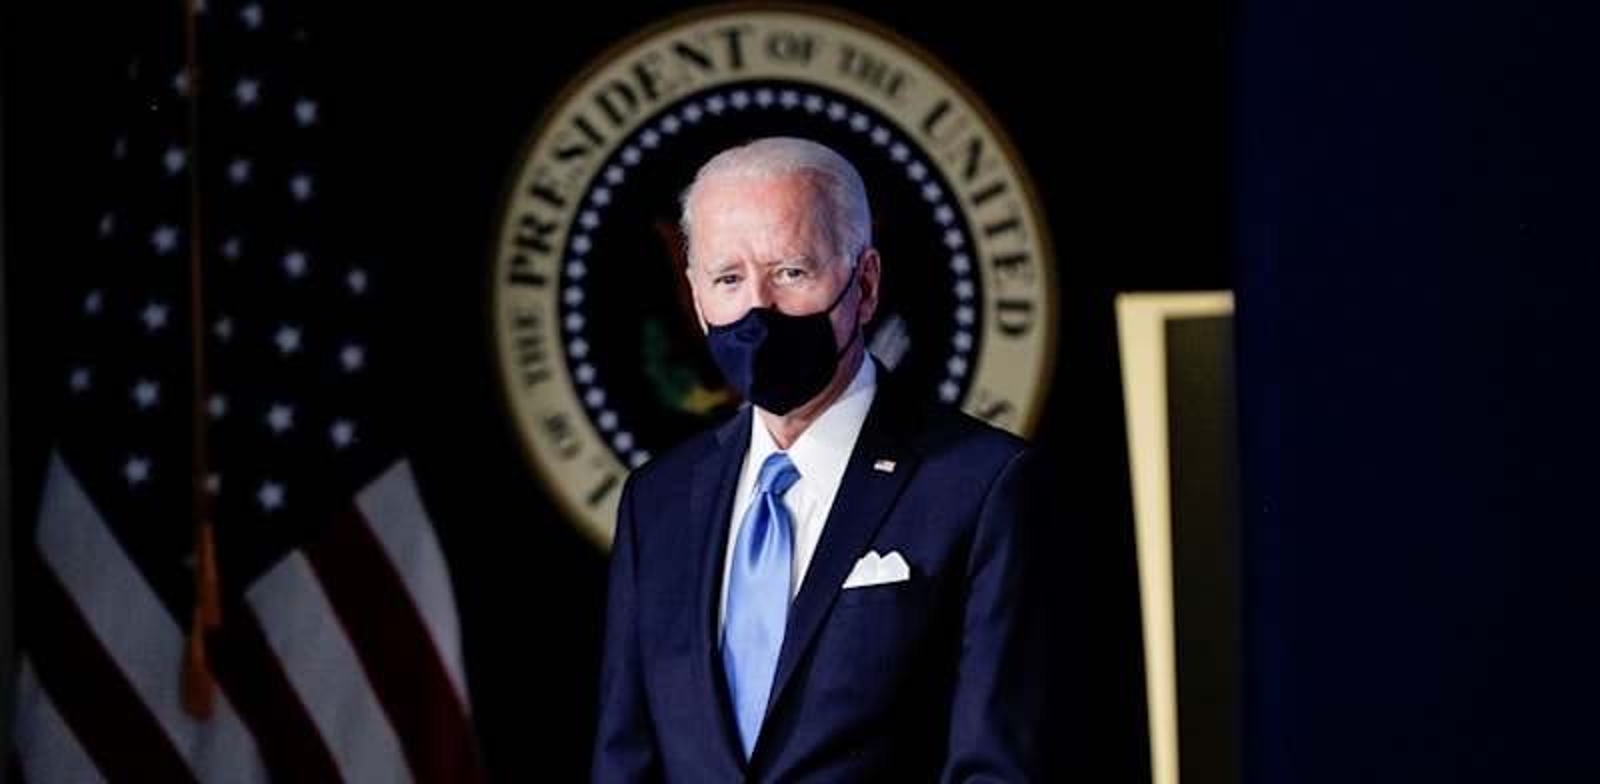 הנשיא ג'ו ביידן / צילום: Reuters, TOM BRENNER